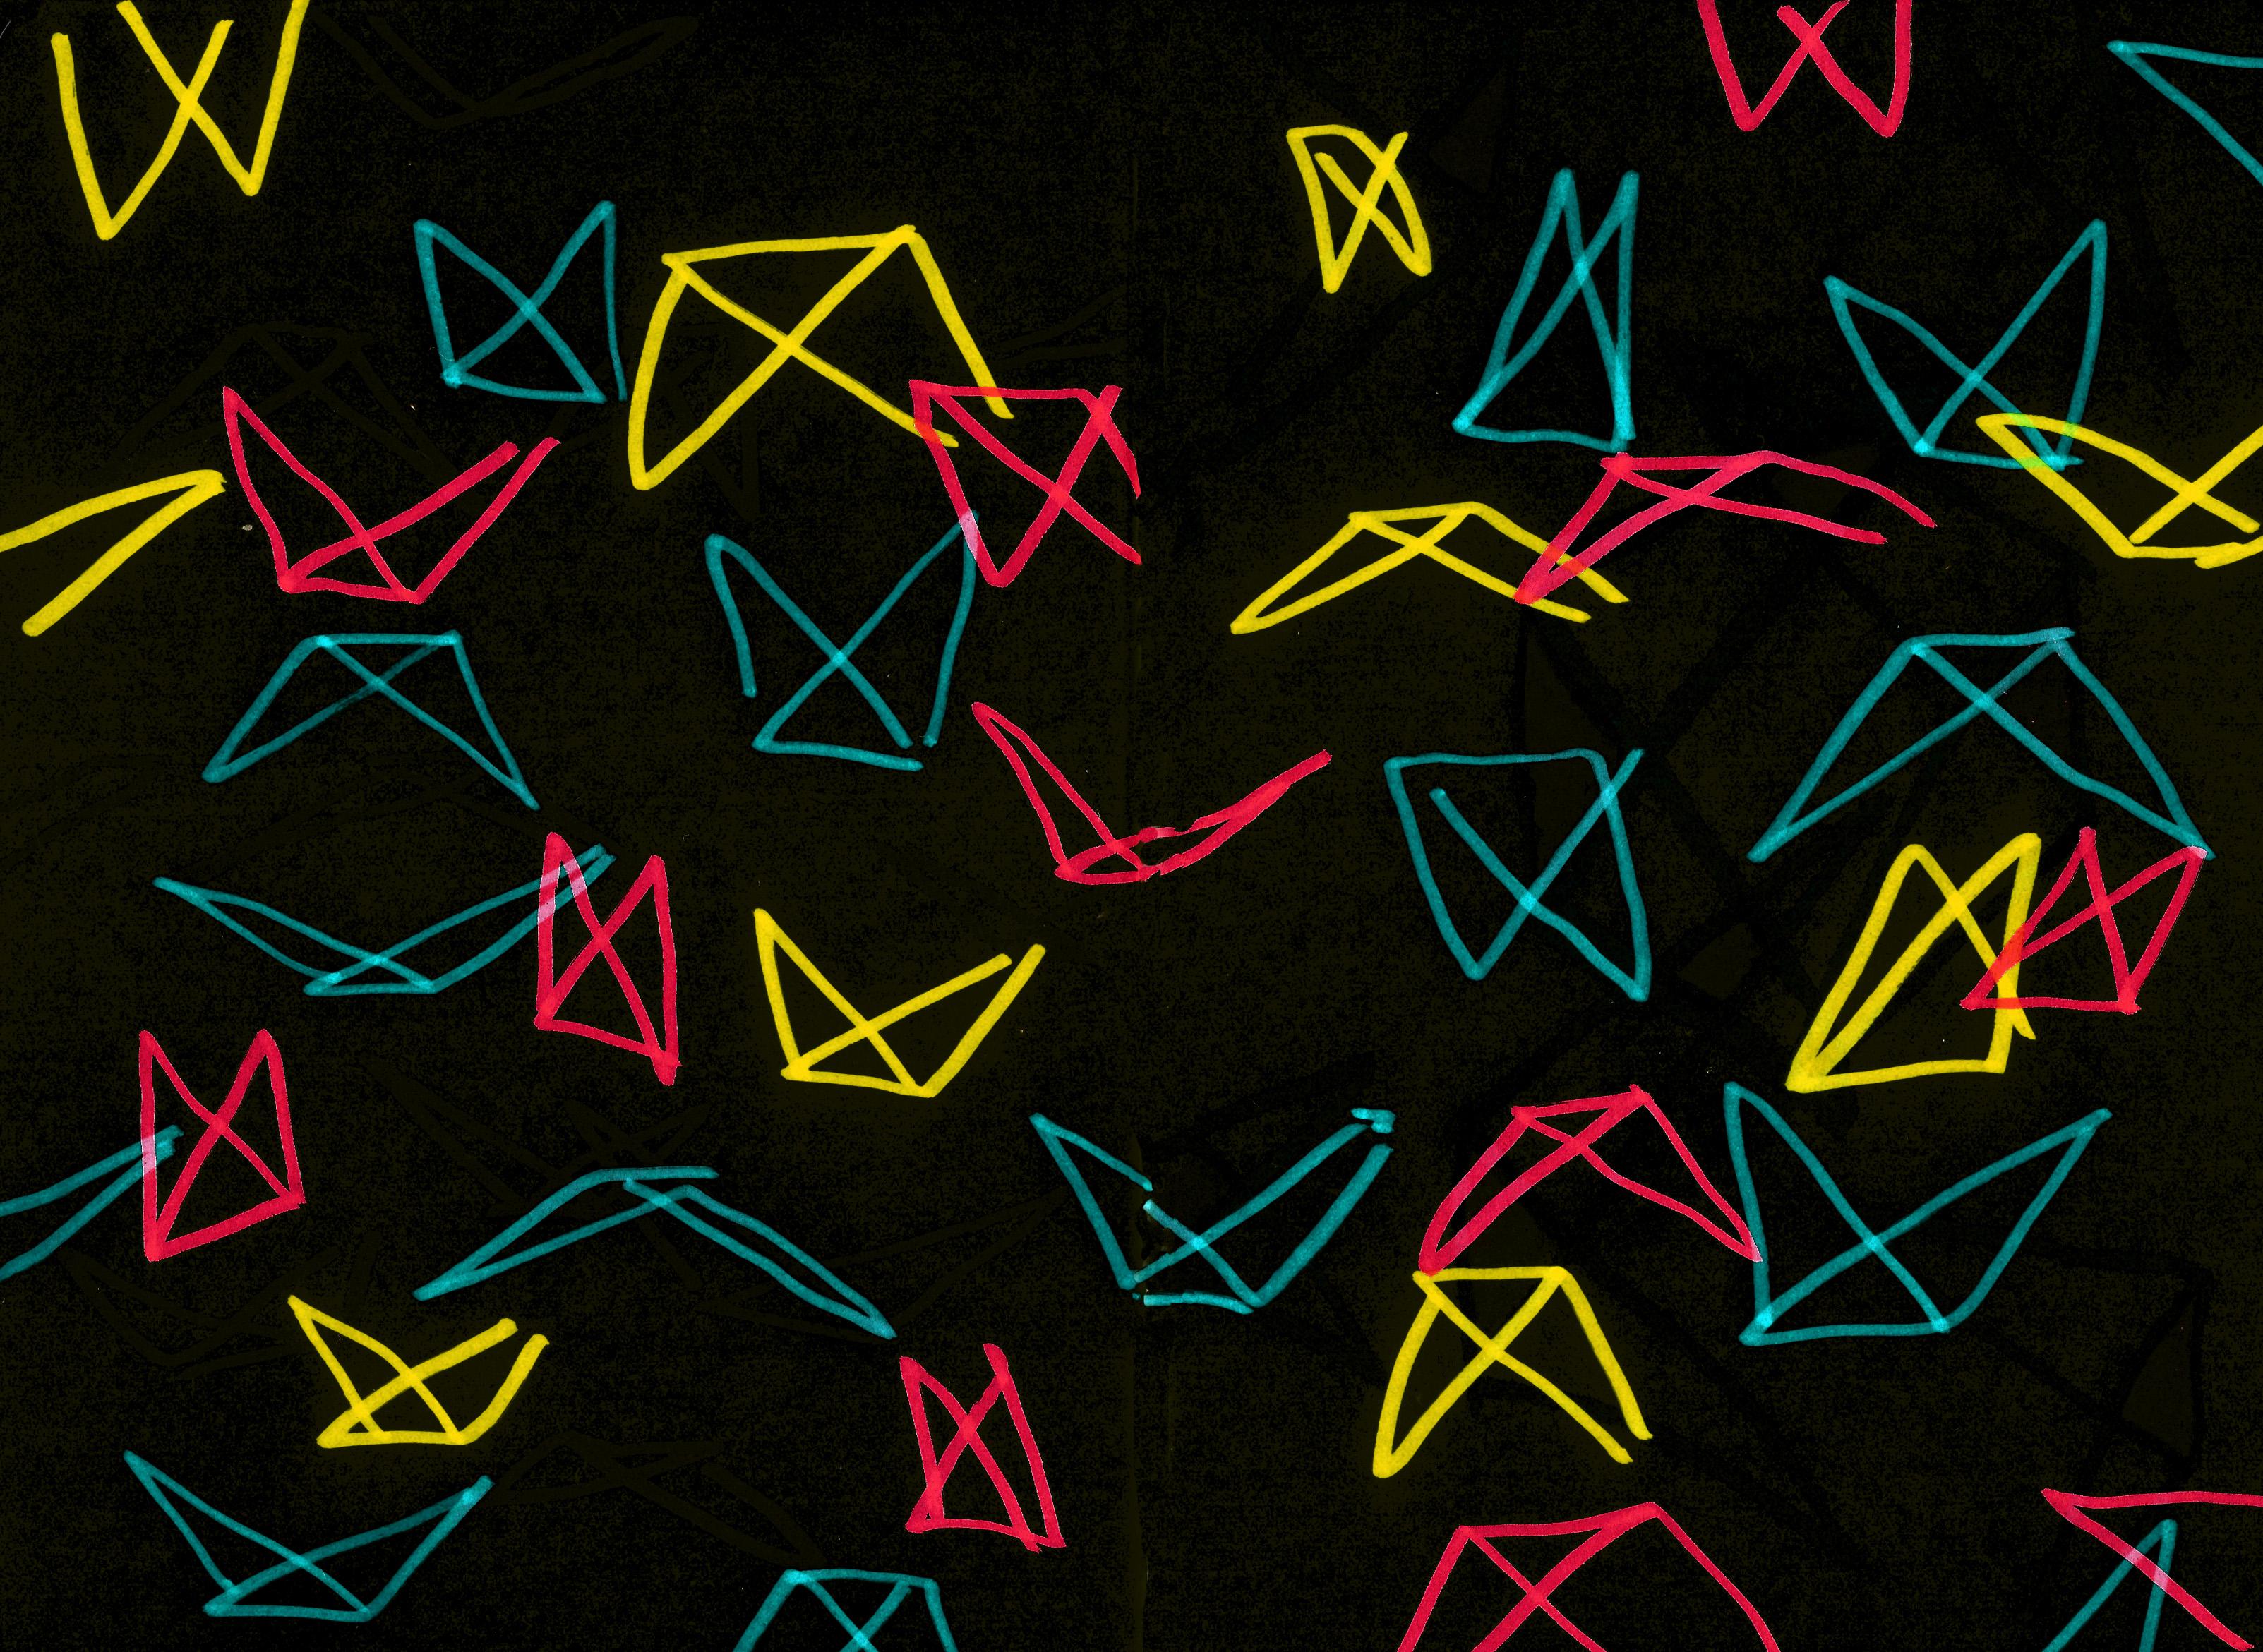 danza española videoarte escenografía música videoart proyección federico lorca perlimplín belisa amor pájaros papel